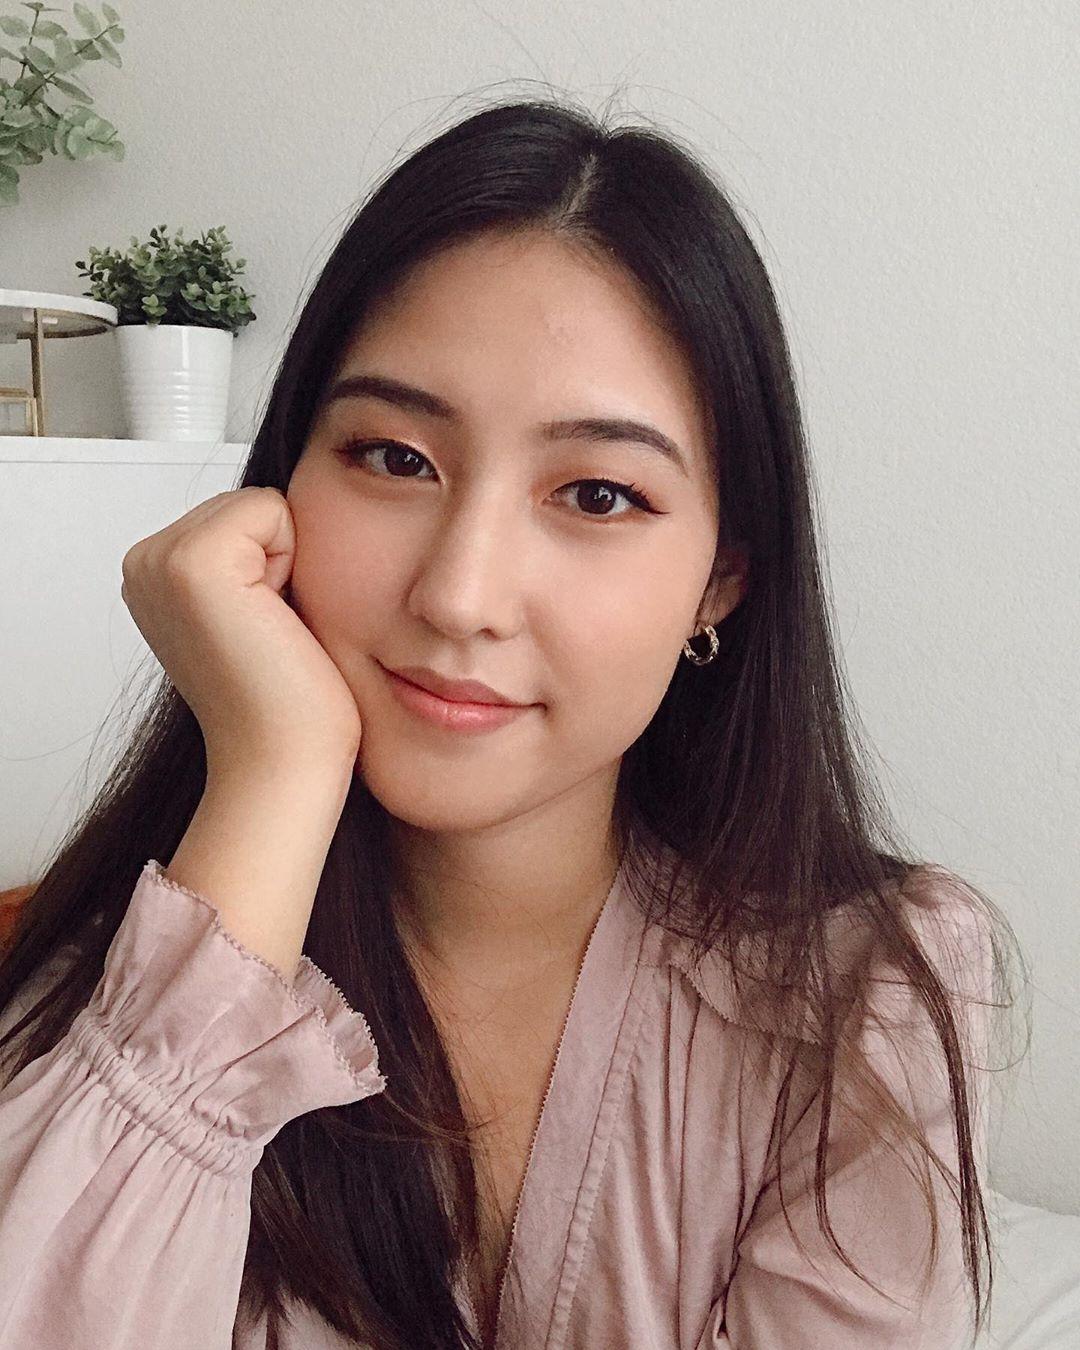 """Nàng blogger chỉ đích danh 4 món mỹ phẩm Hàn gây thất vọng toàn tập, các nàng nên ghim ngay để tránh """"mất tiền oan"""" - Ảnh 1."""